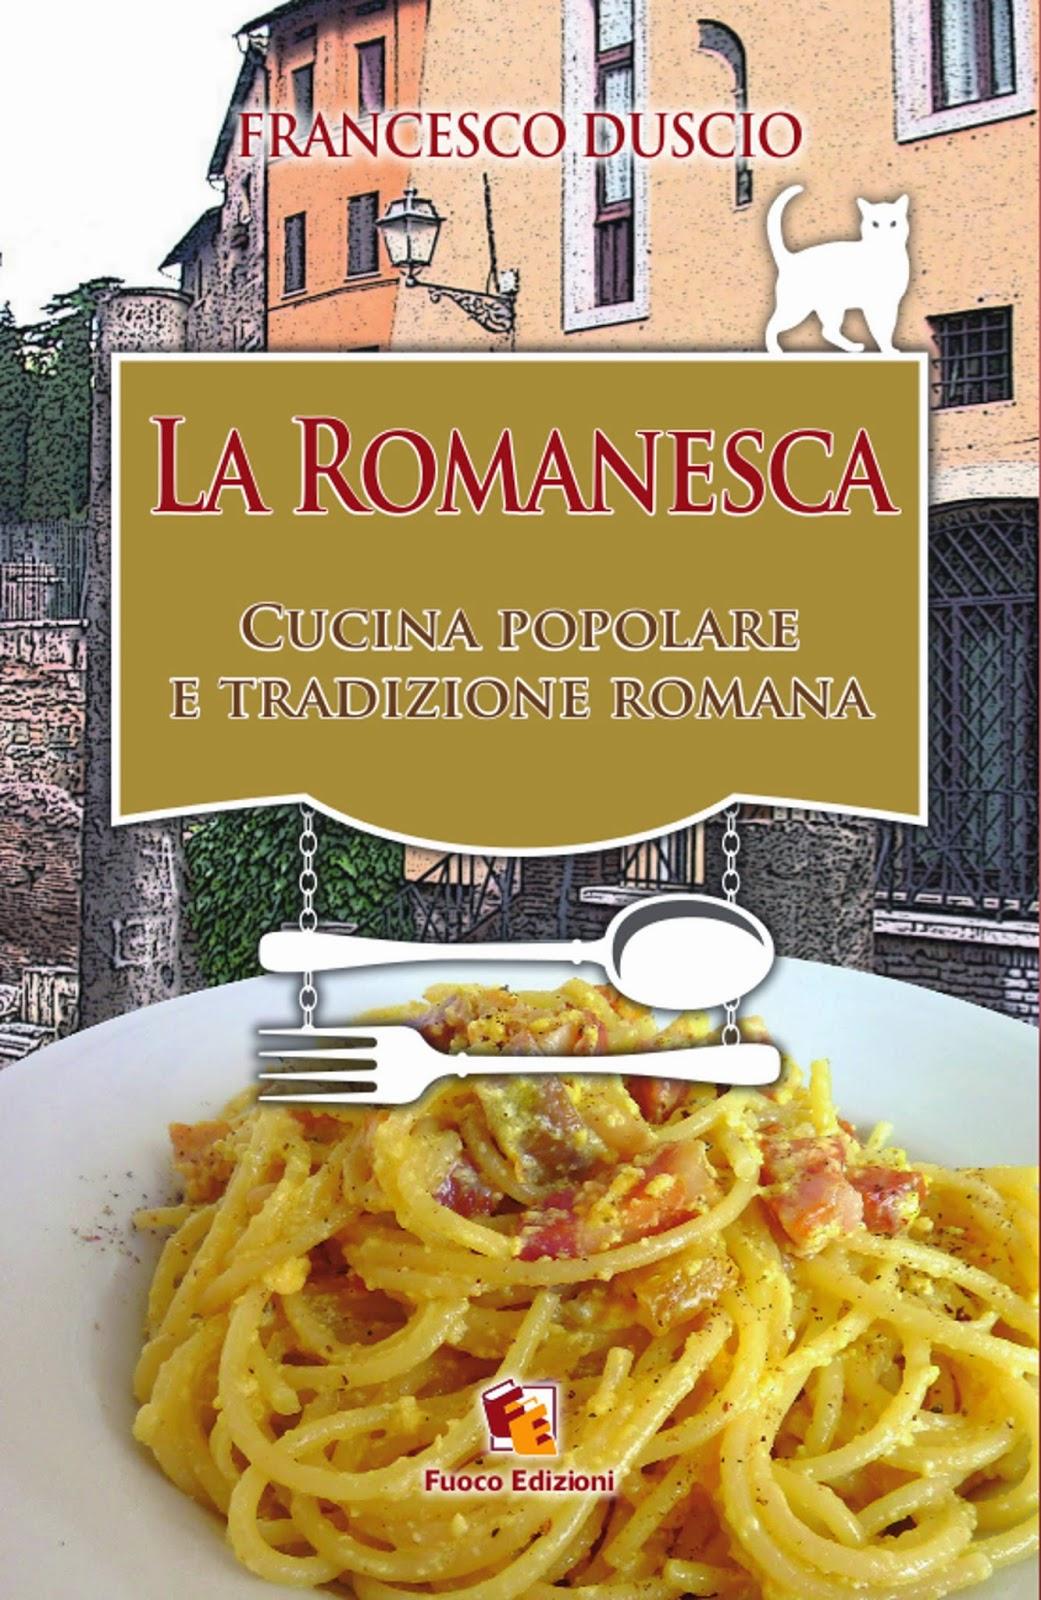 La romanesca cucina popolare tradizione romana for Cucina giudaico romanesca